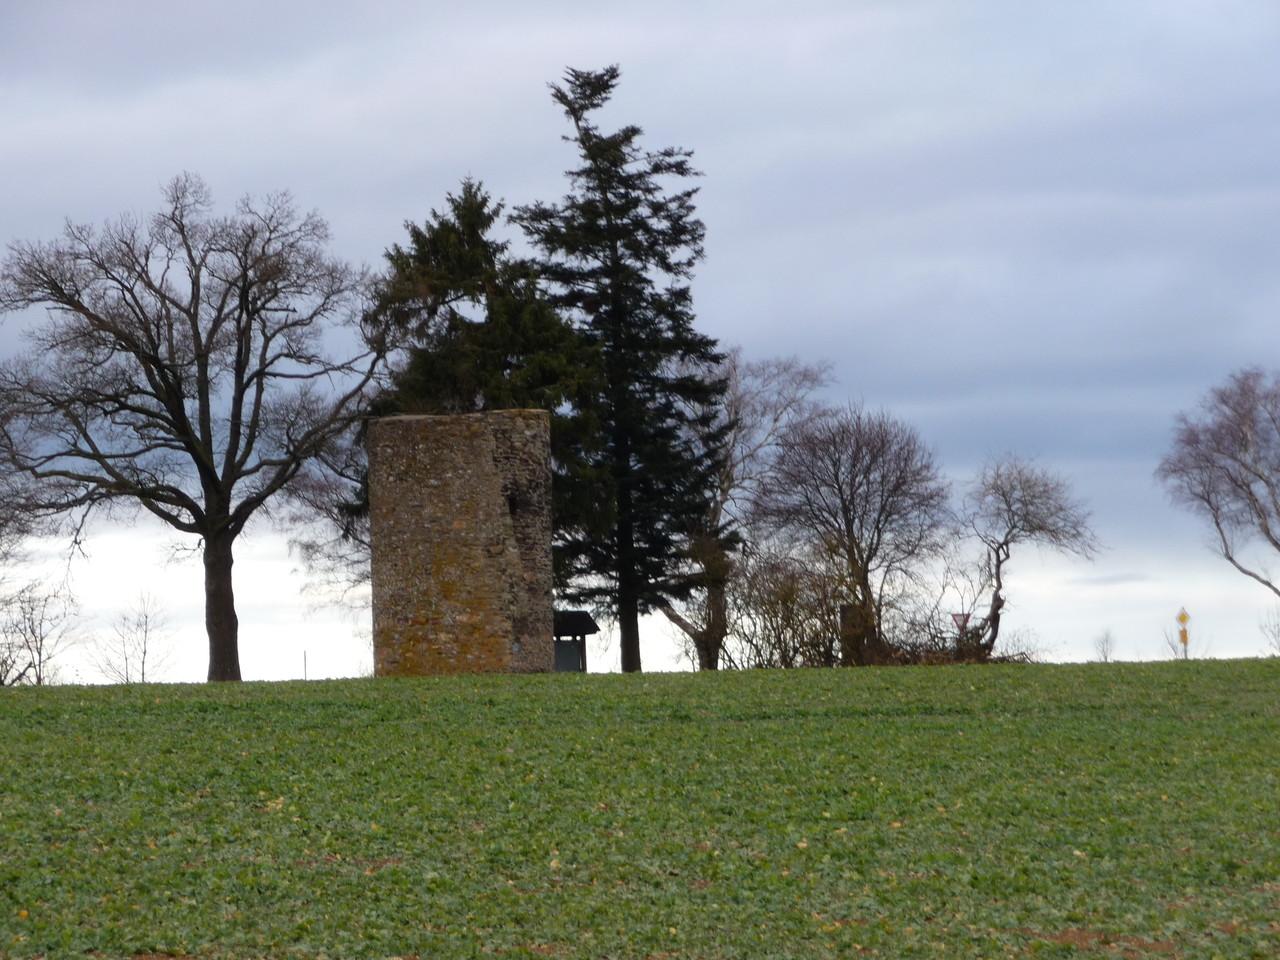 Stumpfer Turm von Hinzerath, ein ehemaliger Signalturm der Burgruine Baldenau